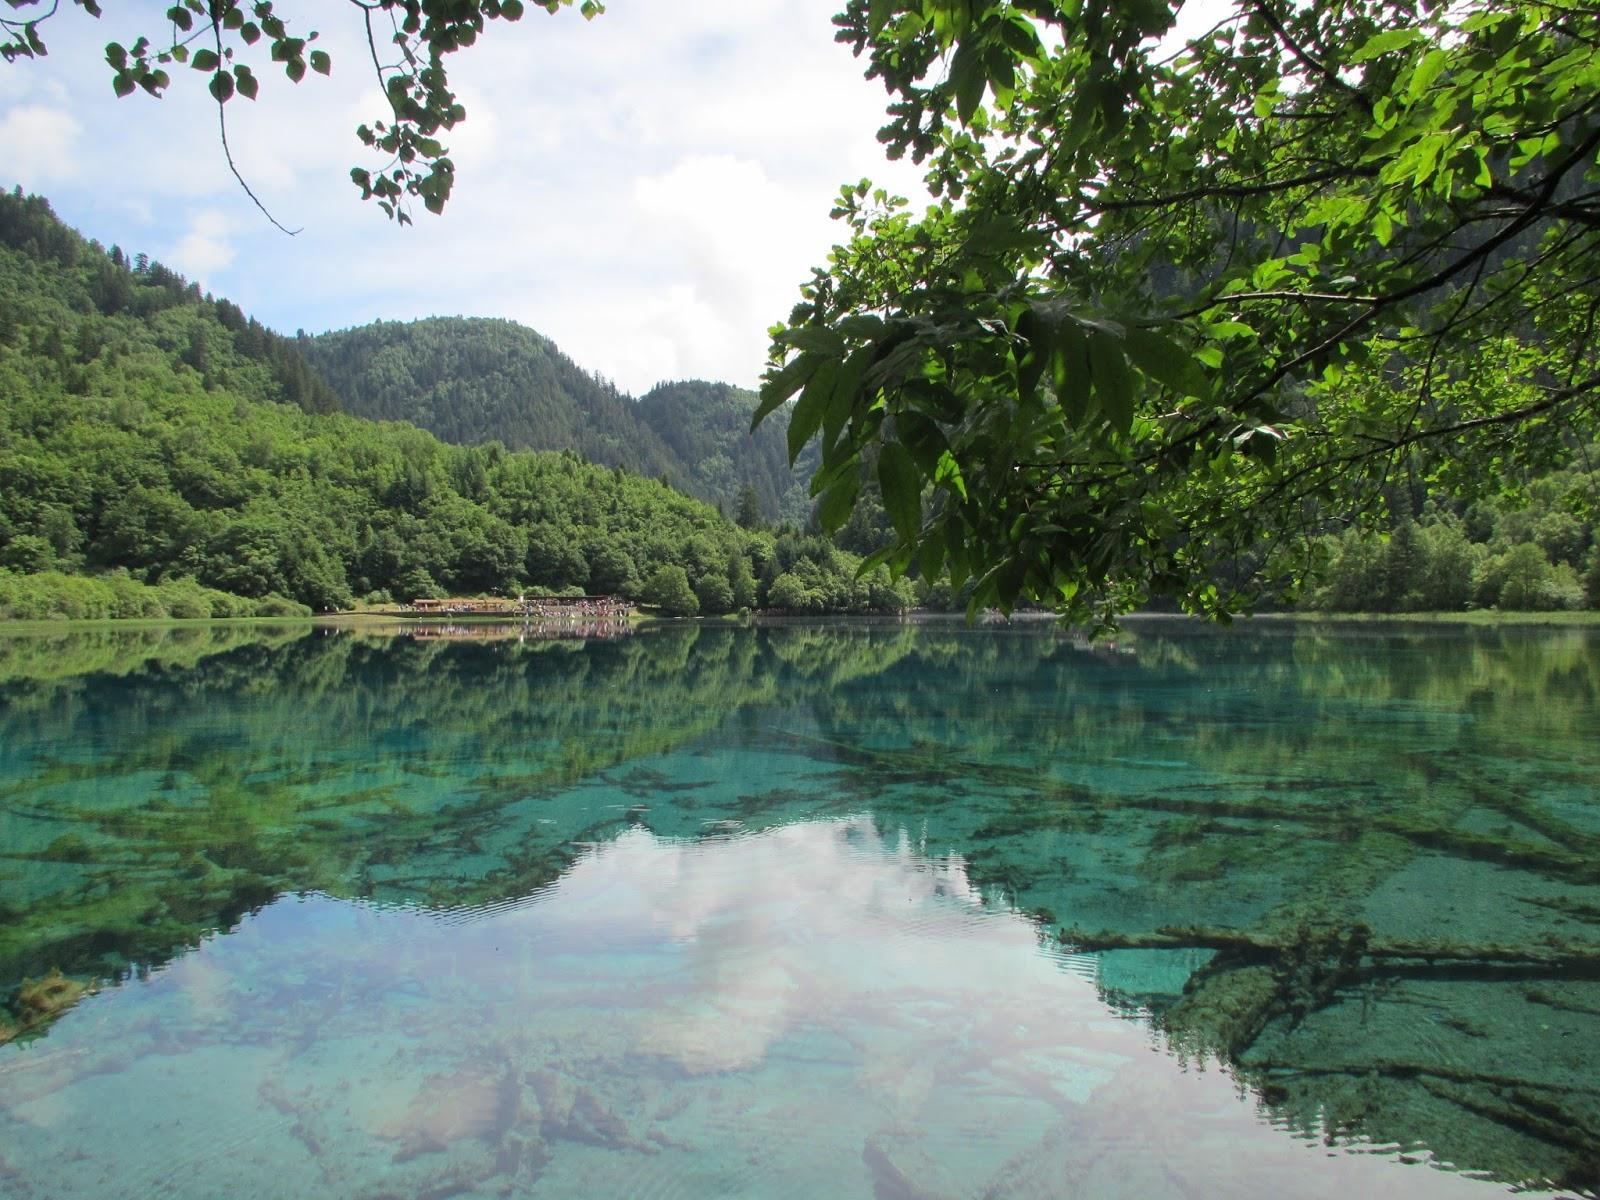 صورة مناظر طبيعية من العالم , صور جمال الطبيعة 5462 3